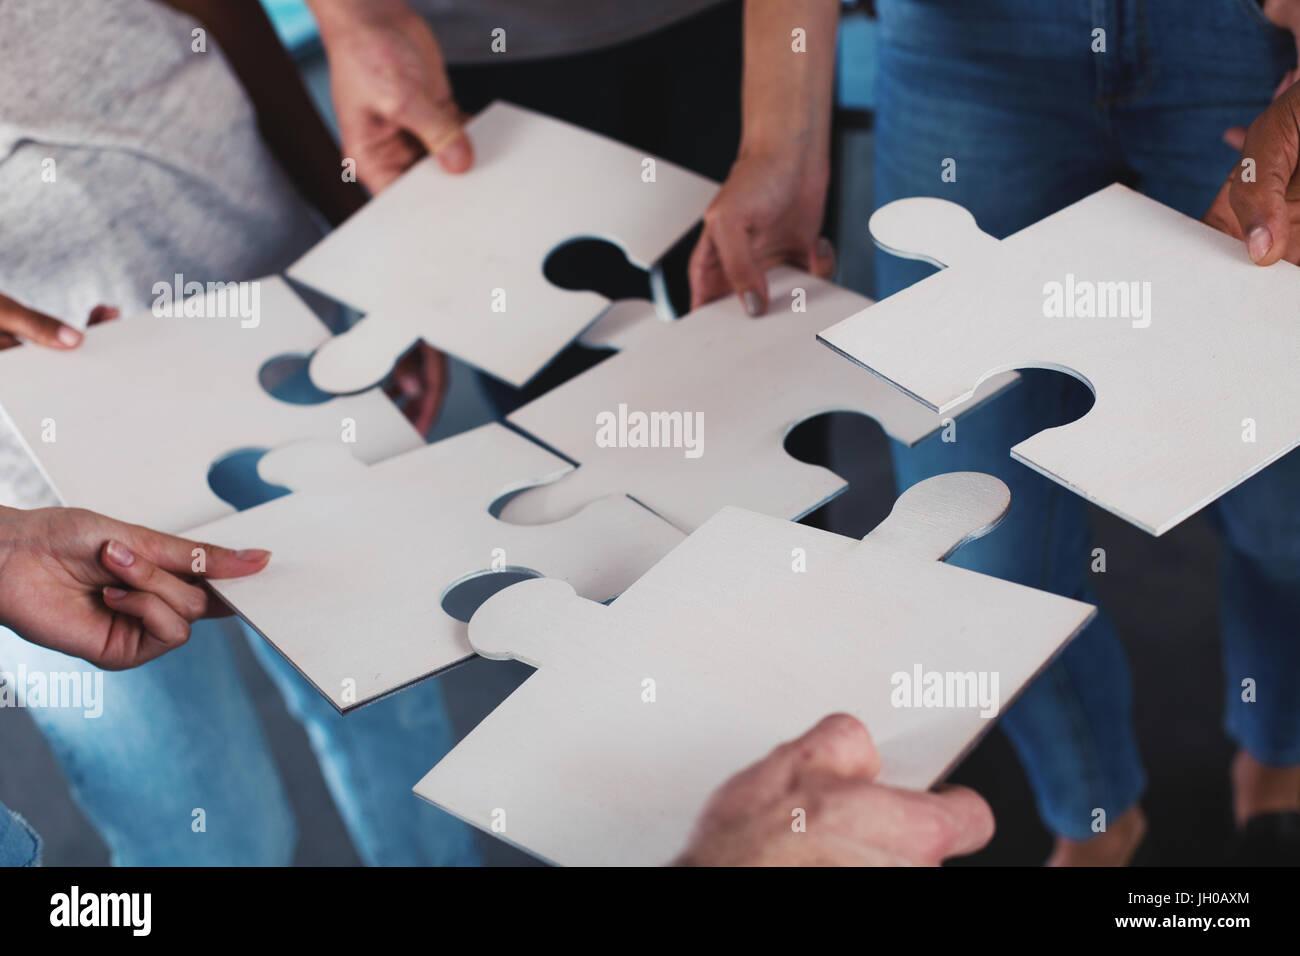 Equipo de empresarios trabajar juntos por una meta. Concepto de unidad y colaboración Imagen De Stock